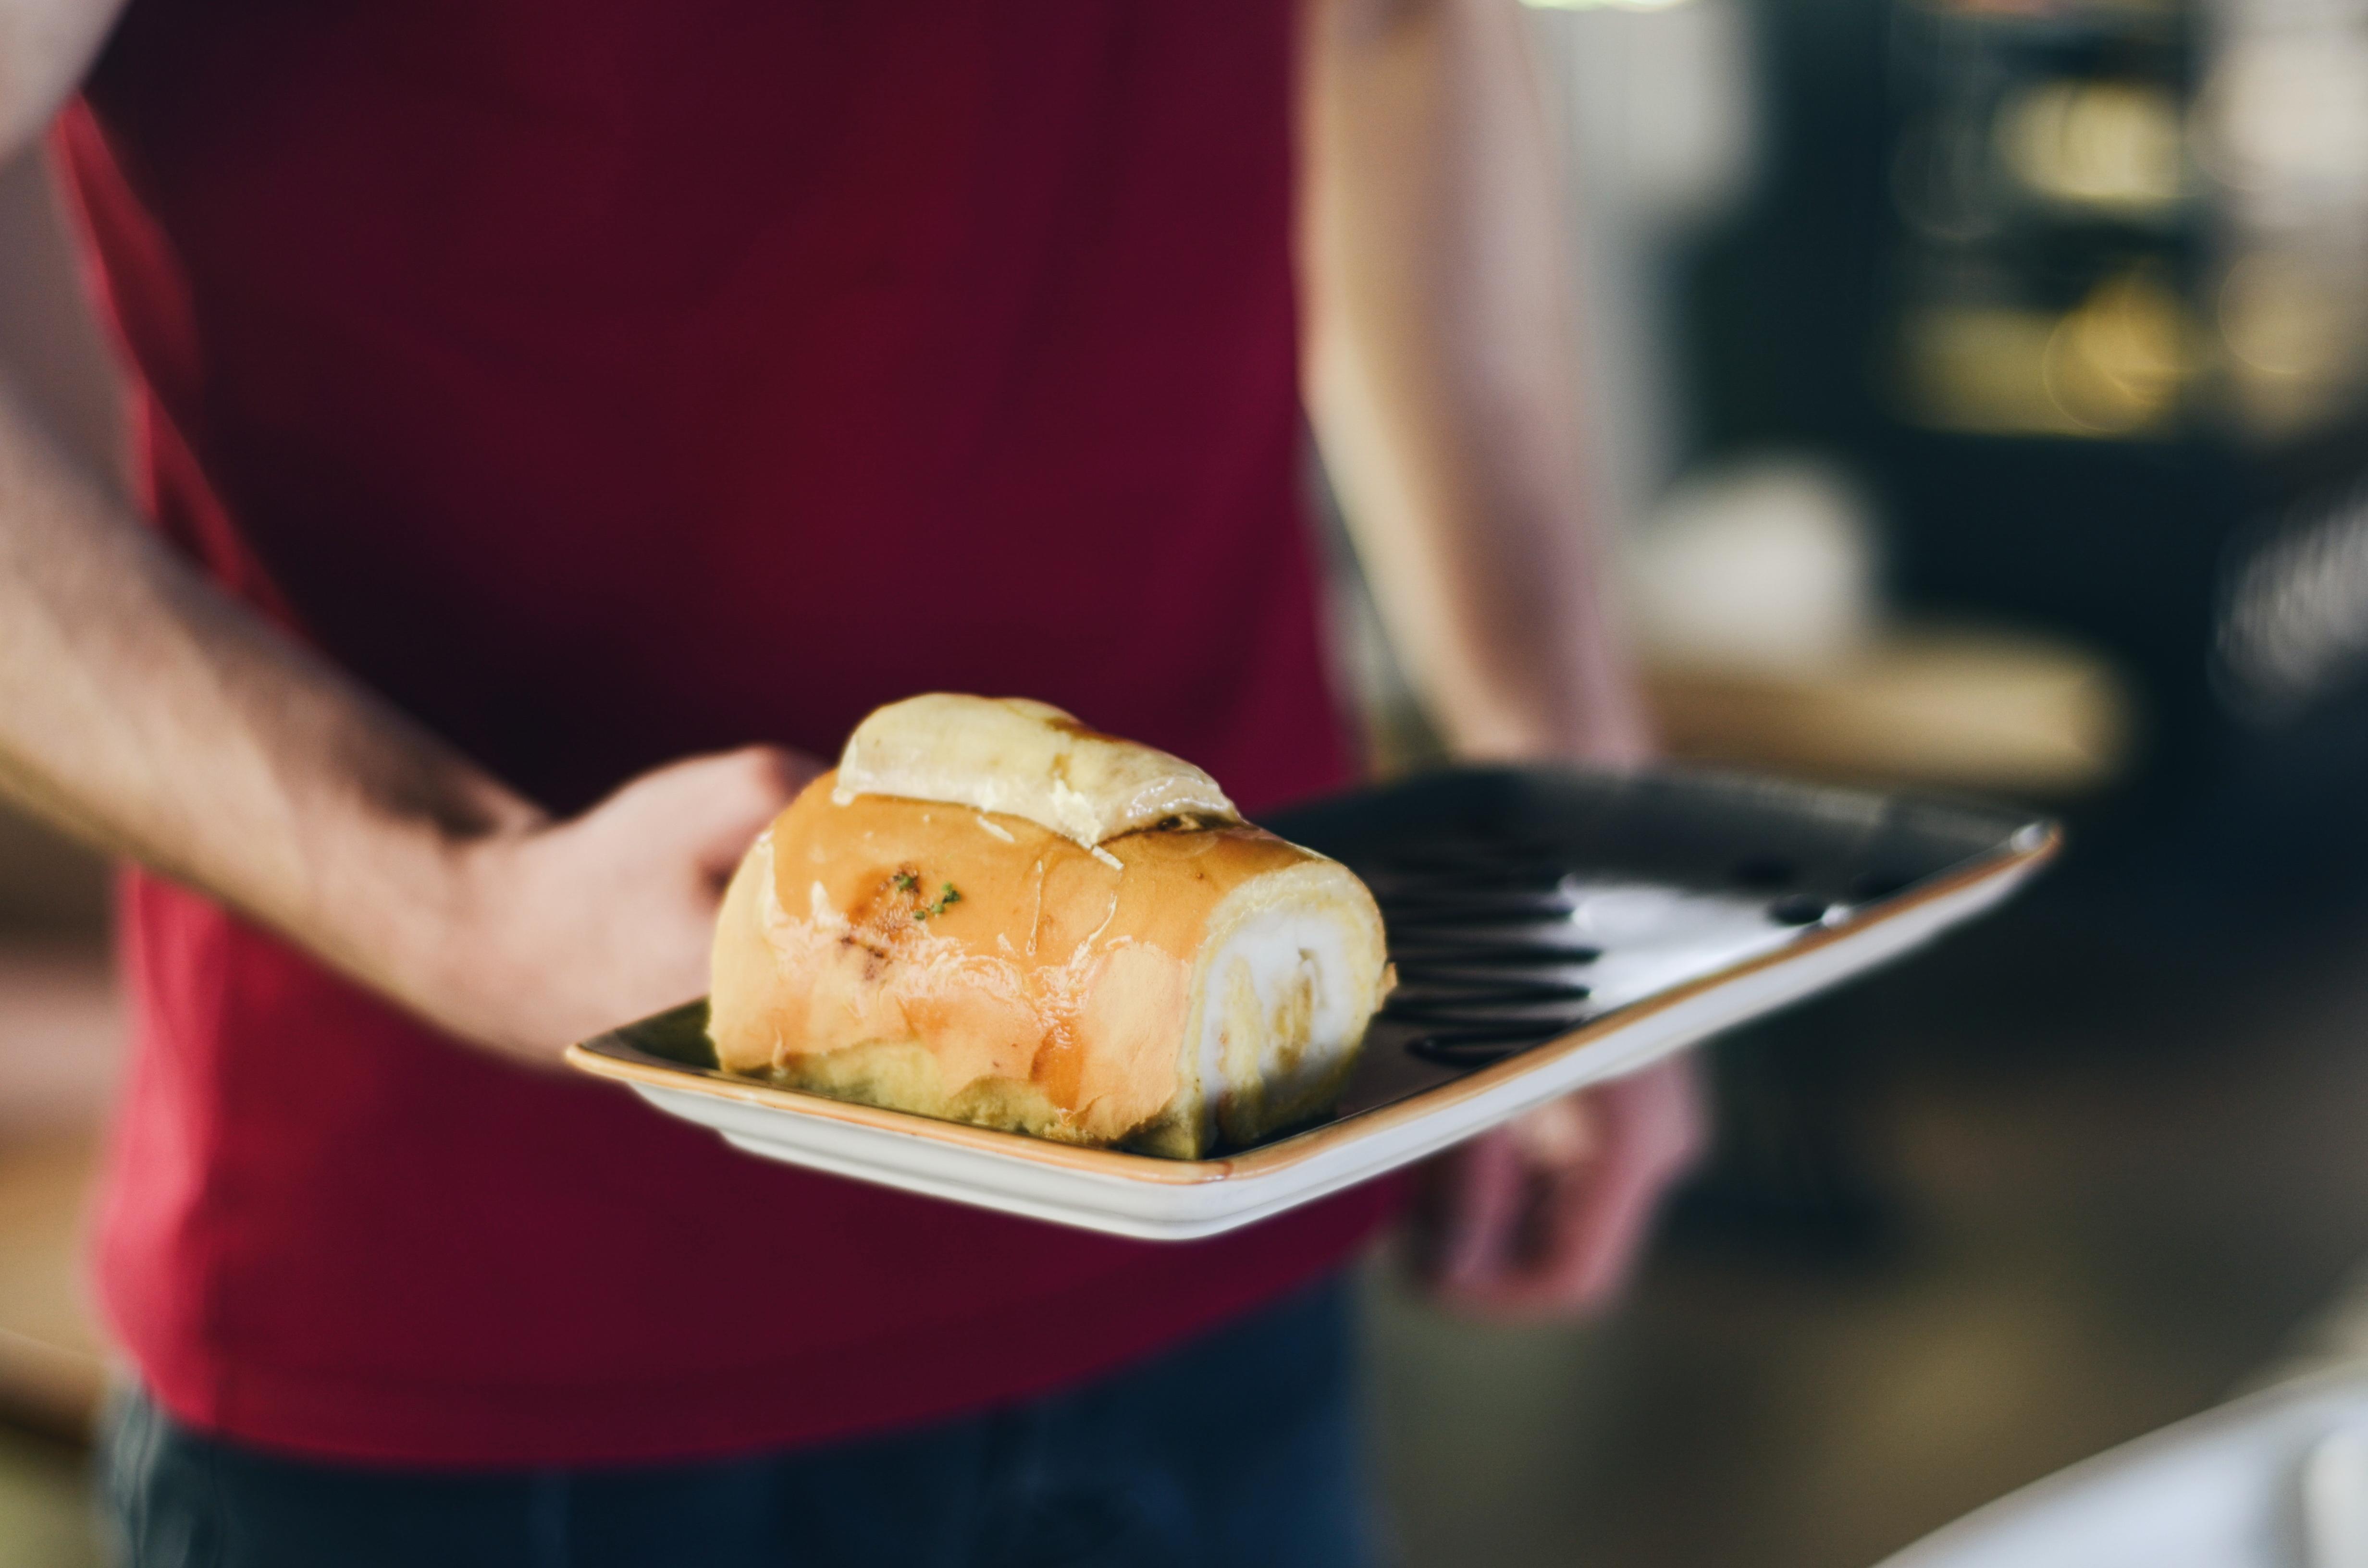 Man Serves Stuffed Bread